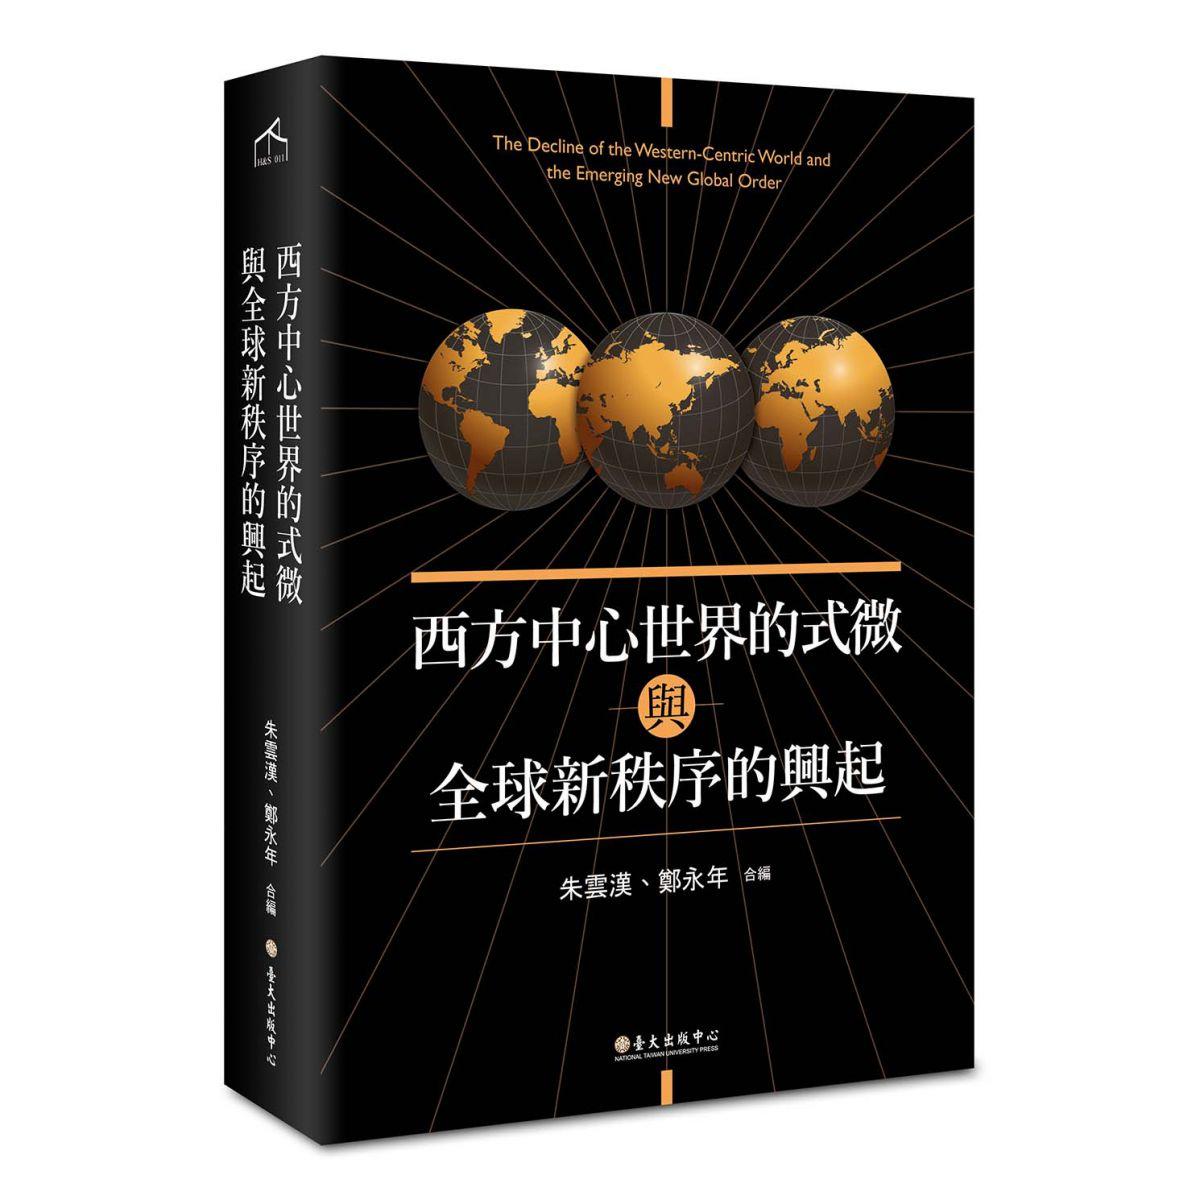 《西方中心世界的式微與全球新秩序的興起》討論全球政治經濟的演變